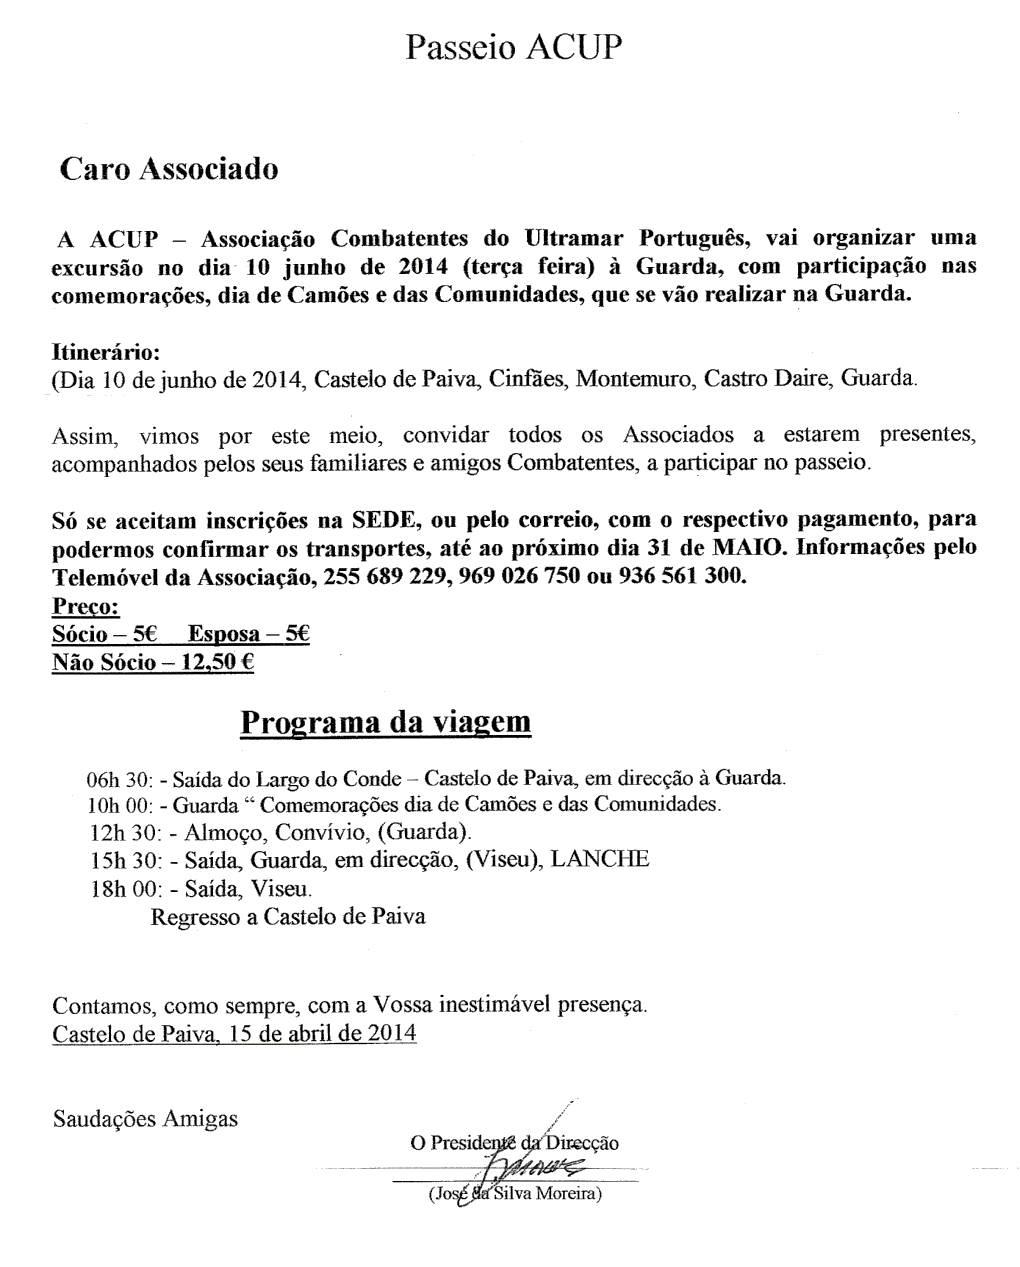 Notícias da ACUP - Associação de Combatentes do Ultramar Português 05_pas10